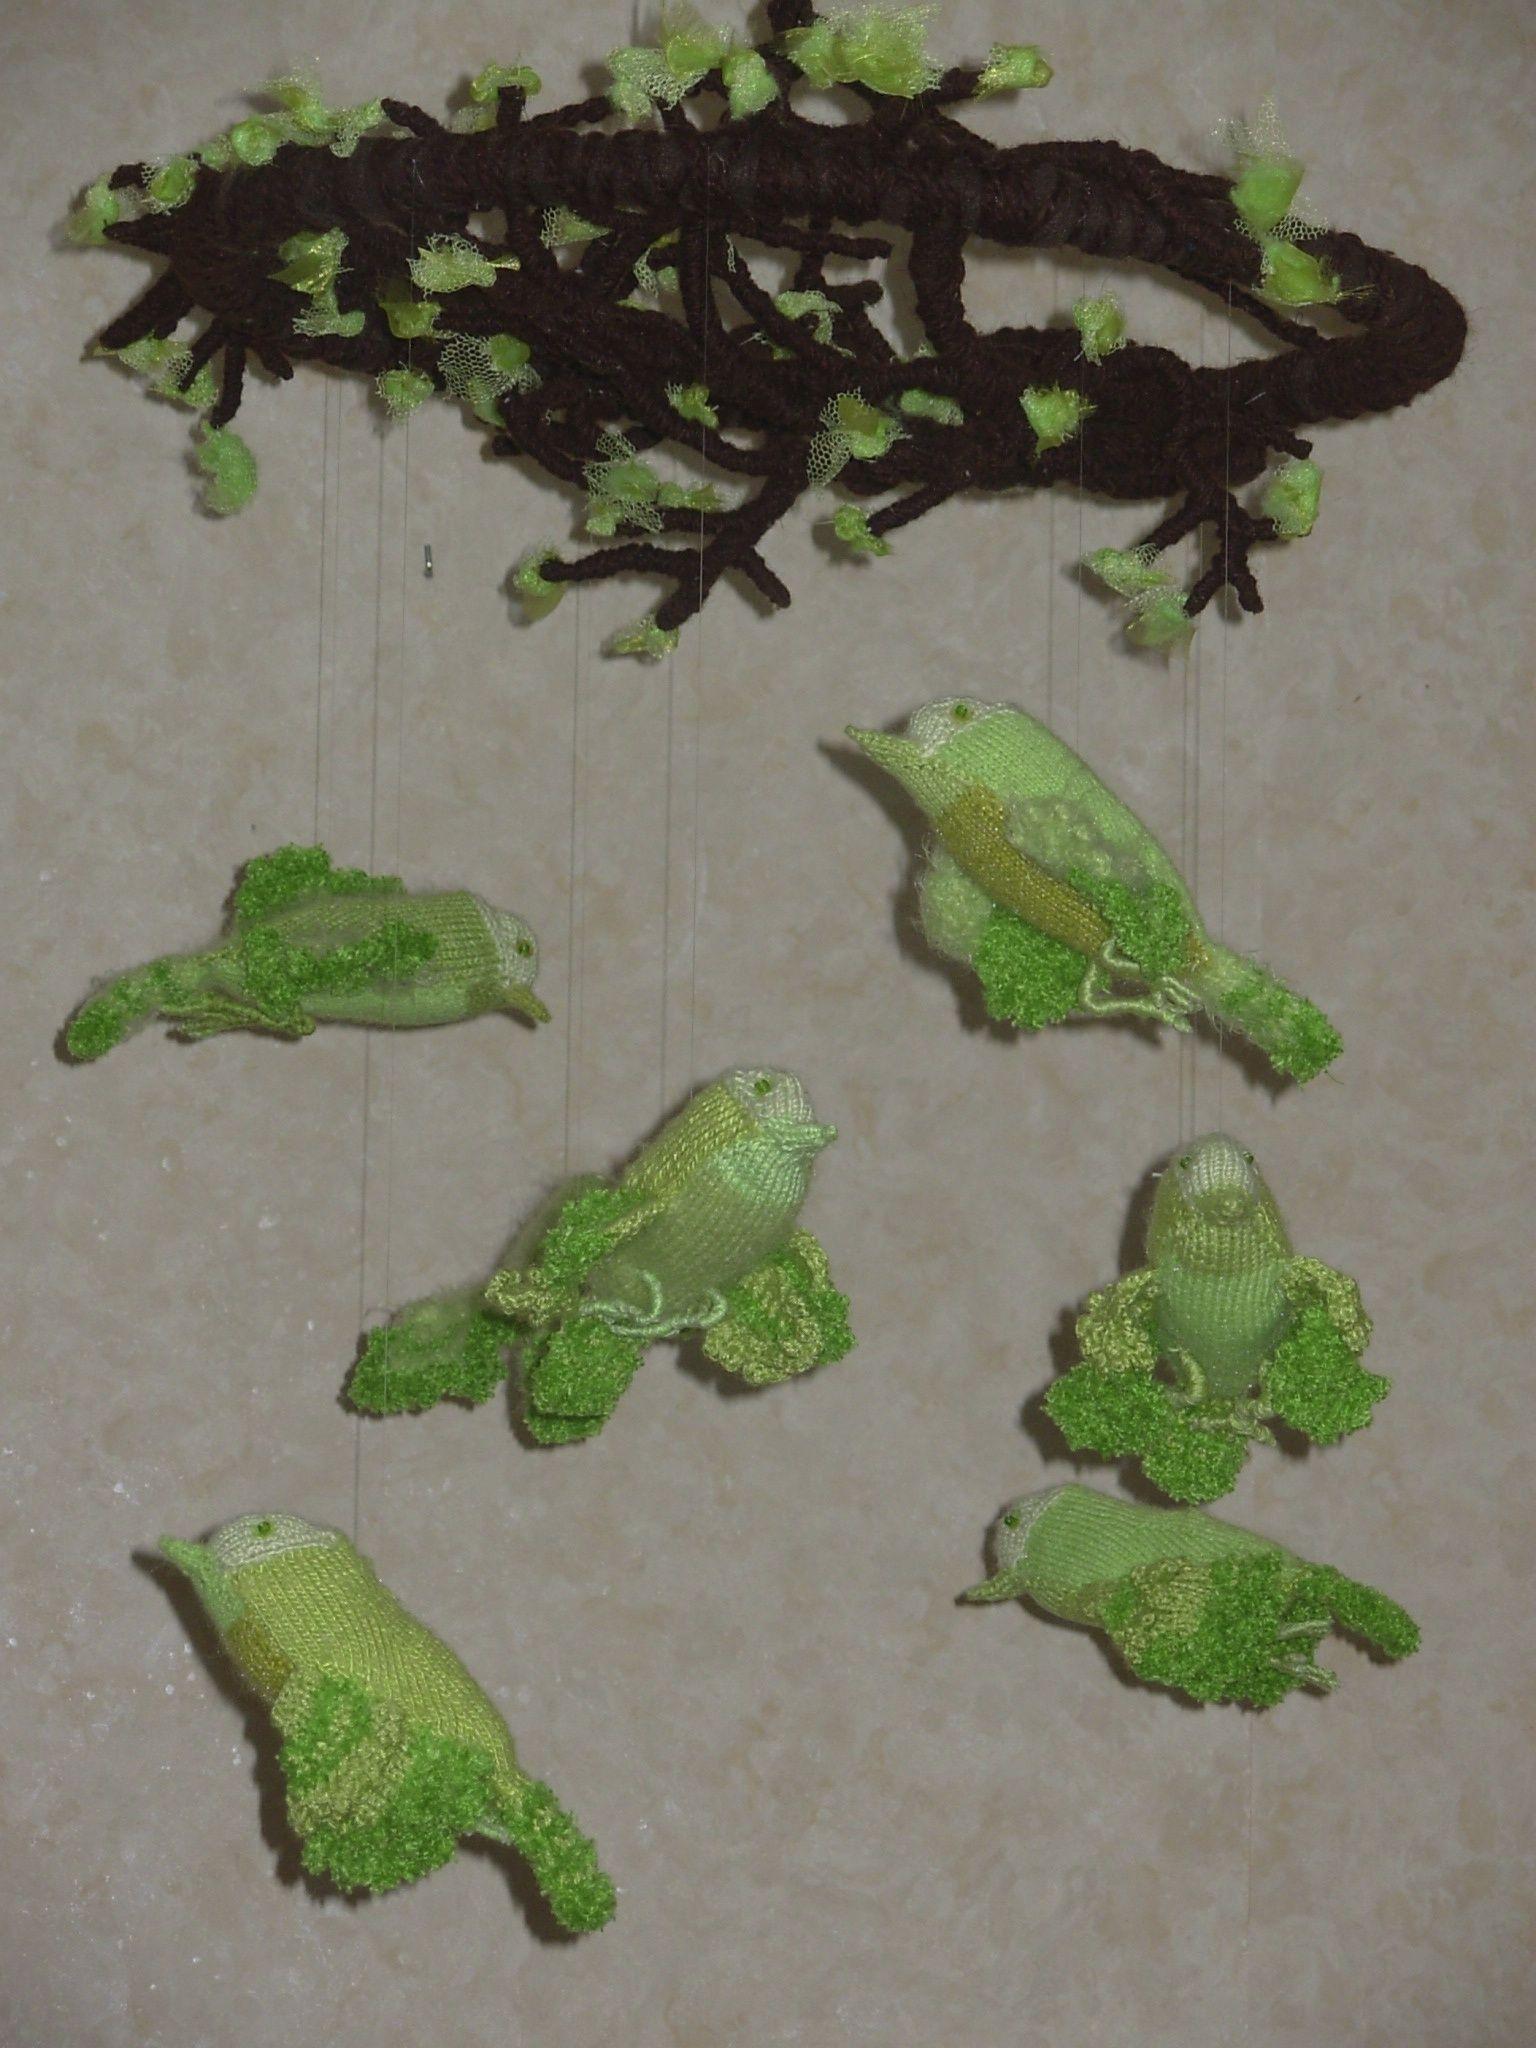 Geelgroenvogels - zie website voor beschrijving: http://www.feathers-and-dragons.simpsite.nl/regenboogvogels